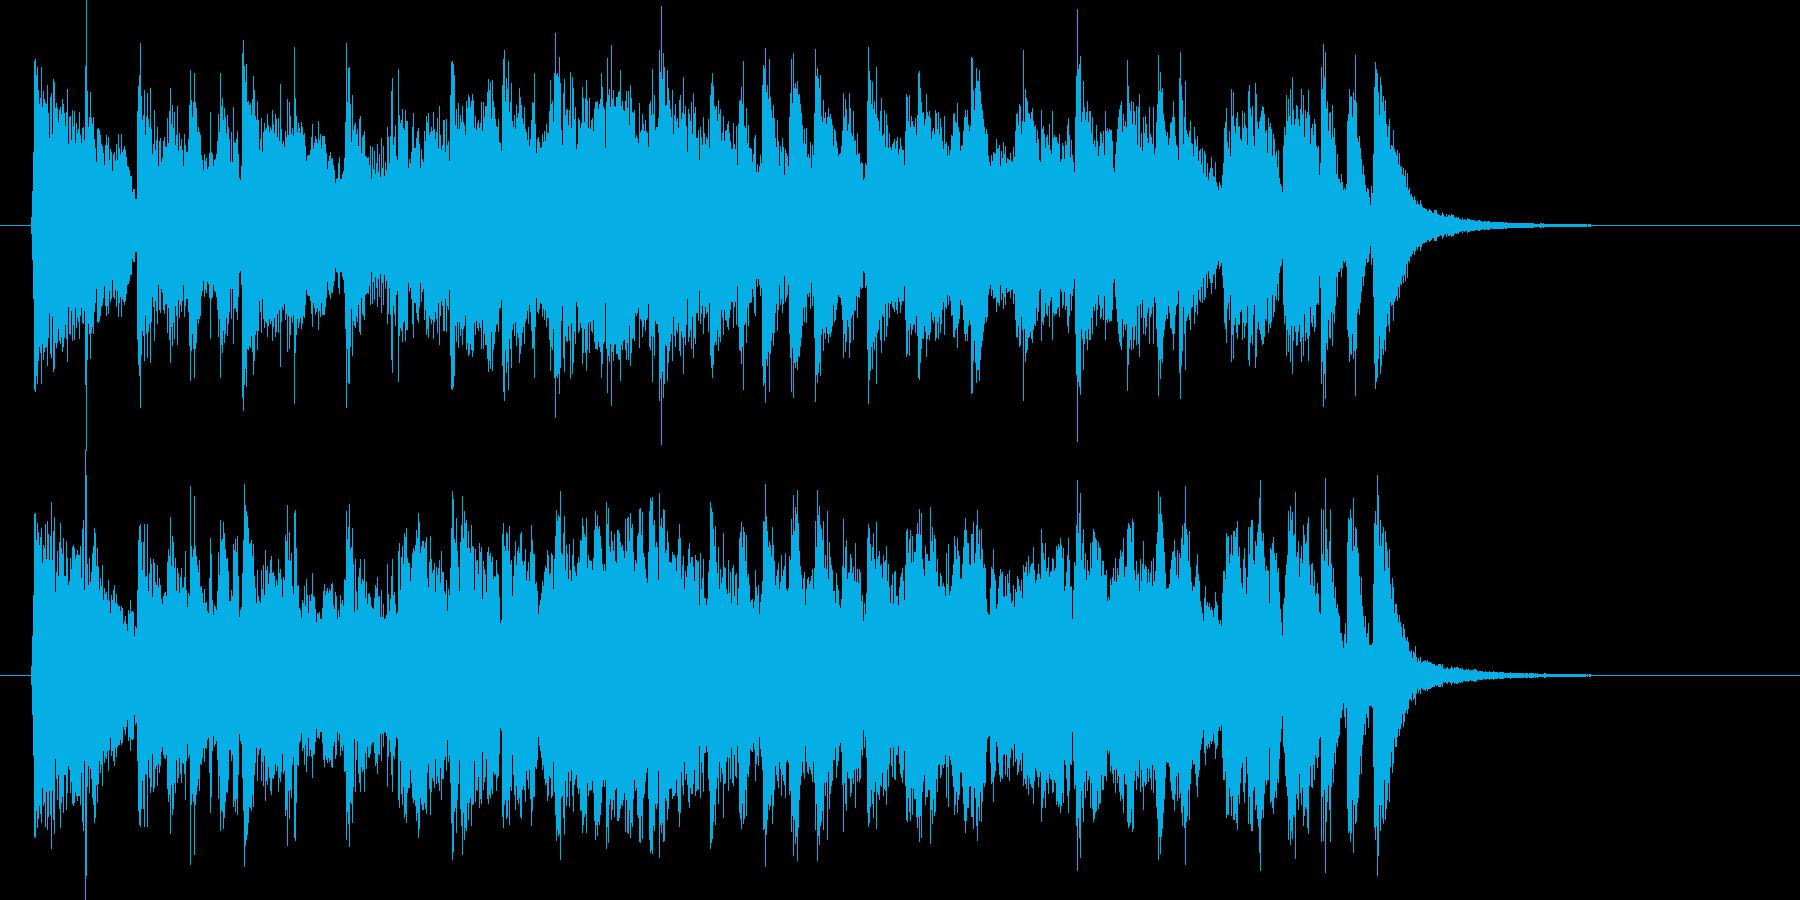 クラシカルで爽やかなバイオリンジングルの再生済みの波形